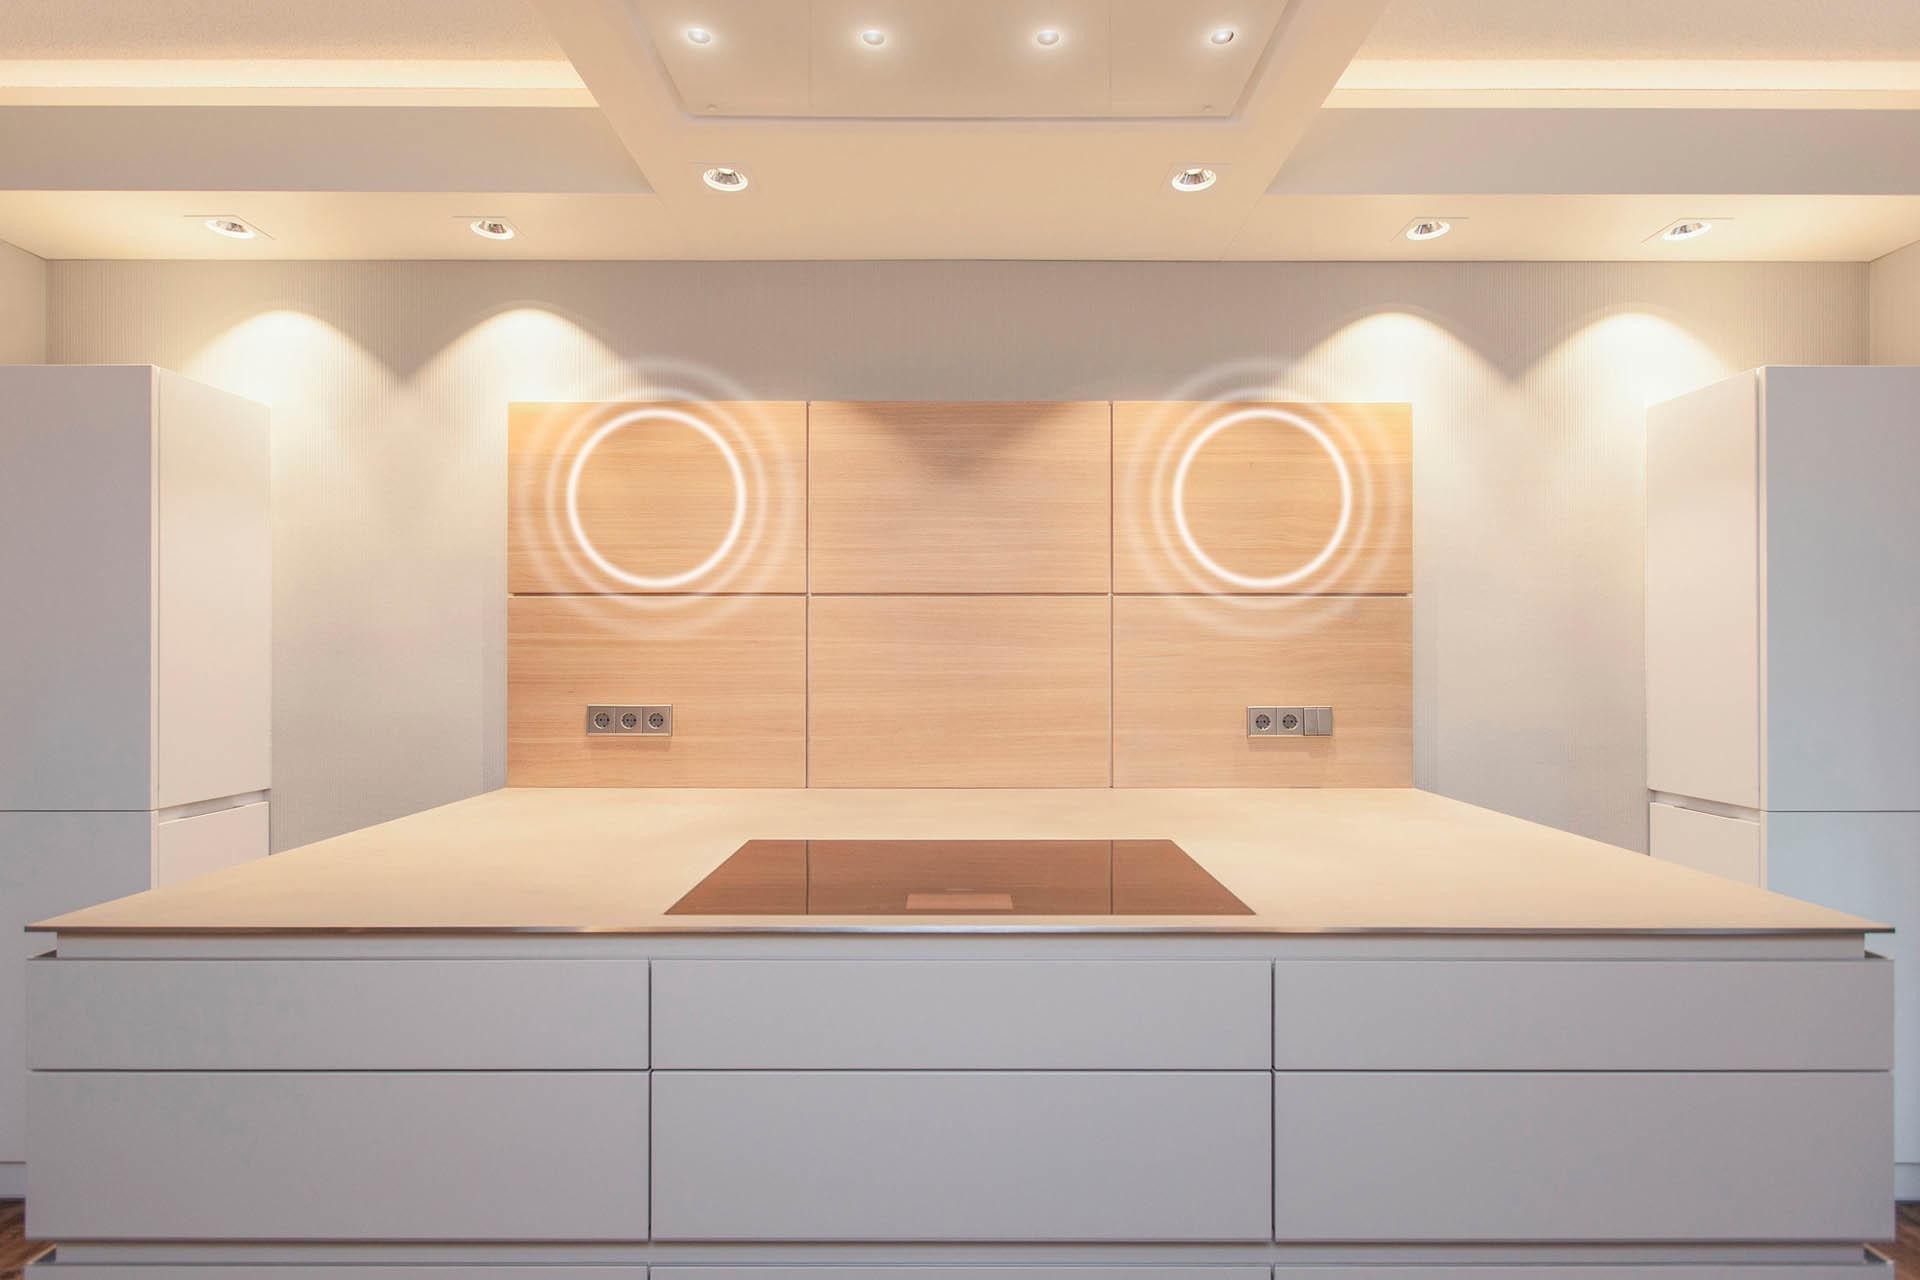 offene Küche mit unsichtbarem Lautsprecher in der Rückwand